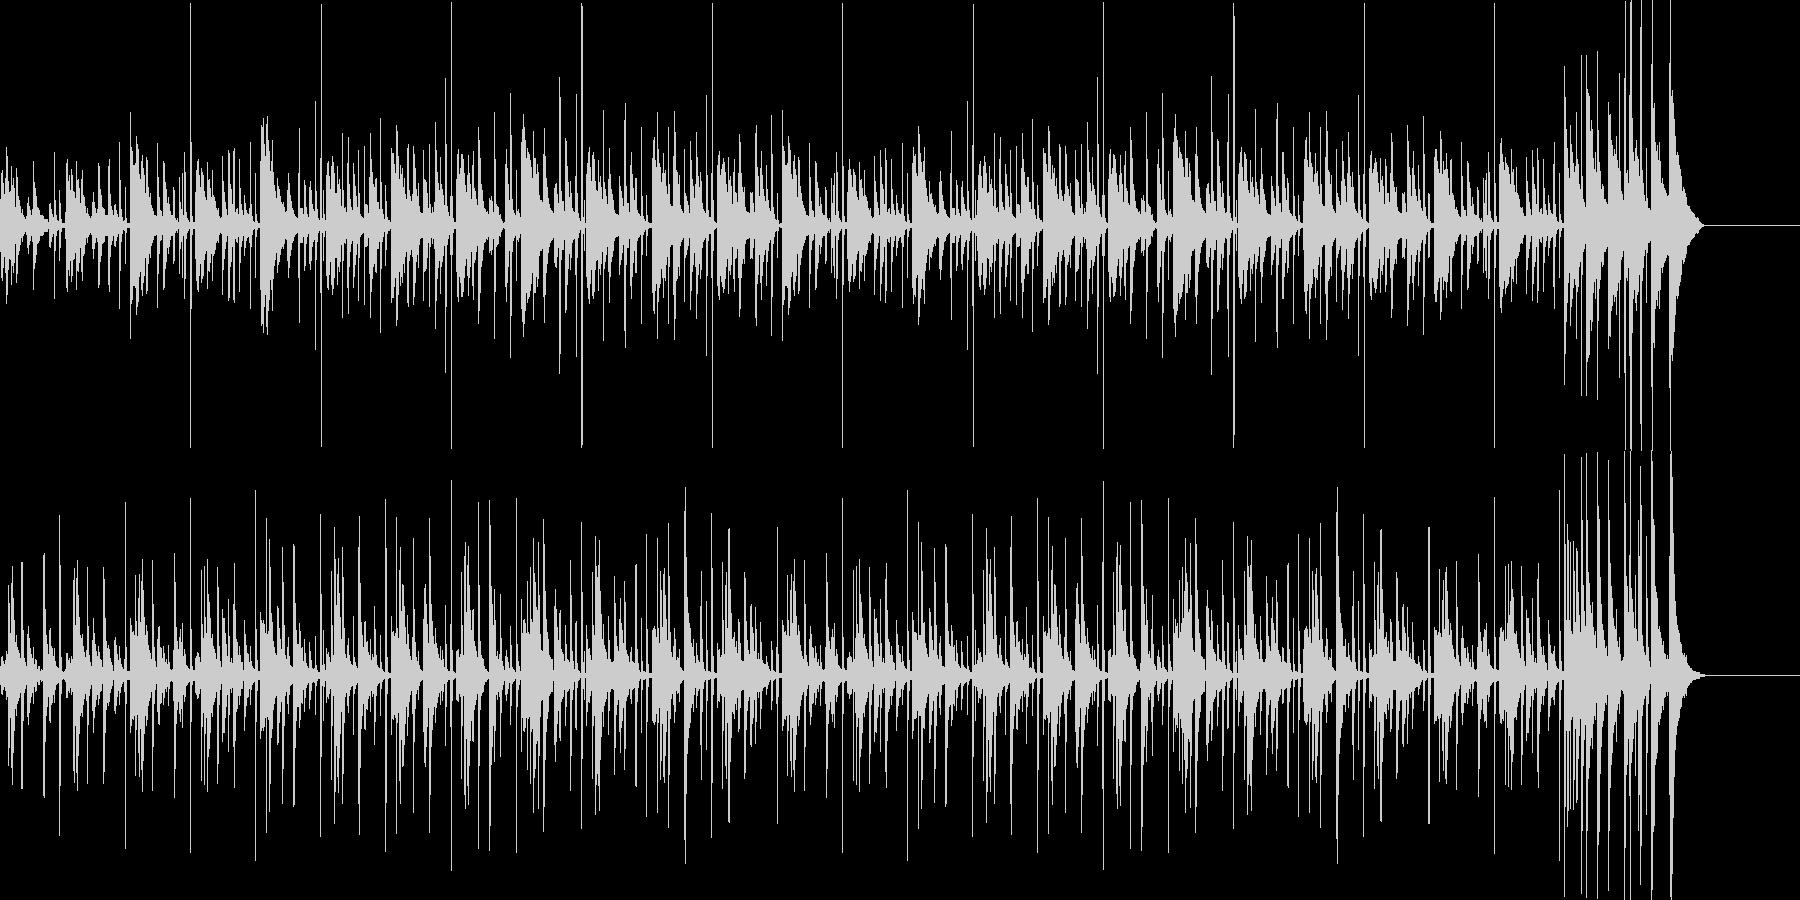 シンキング タイム: 打楽器の楽しい曲の未再生の波形